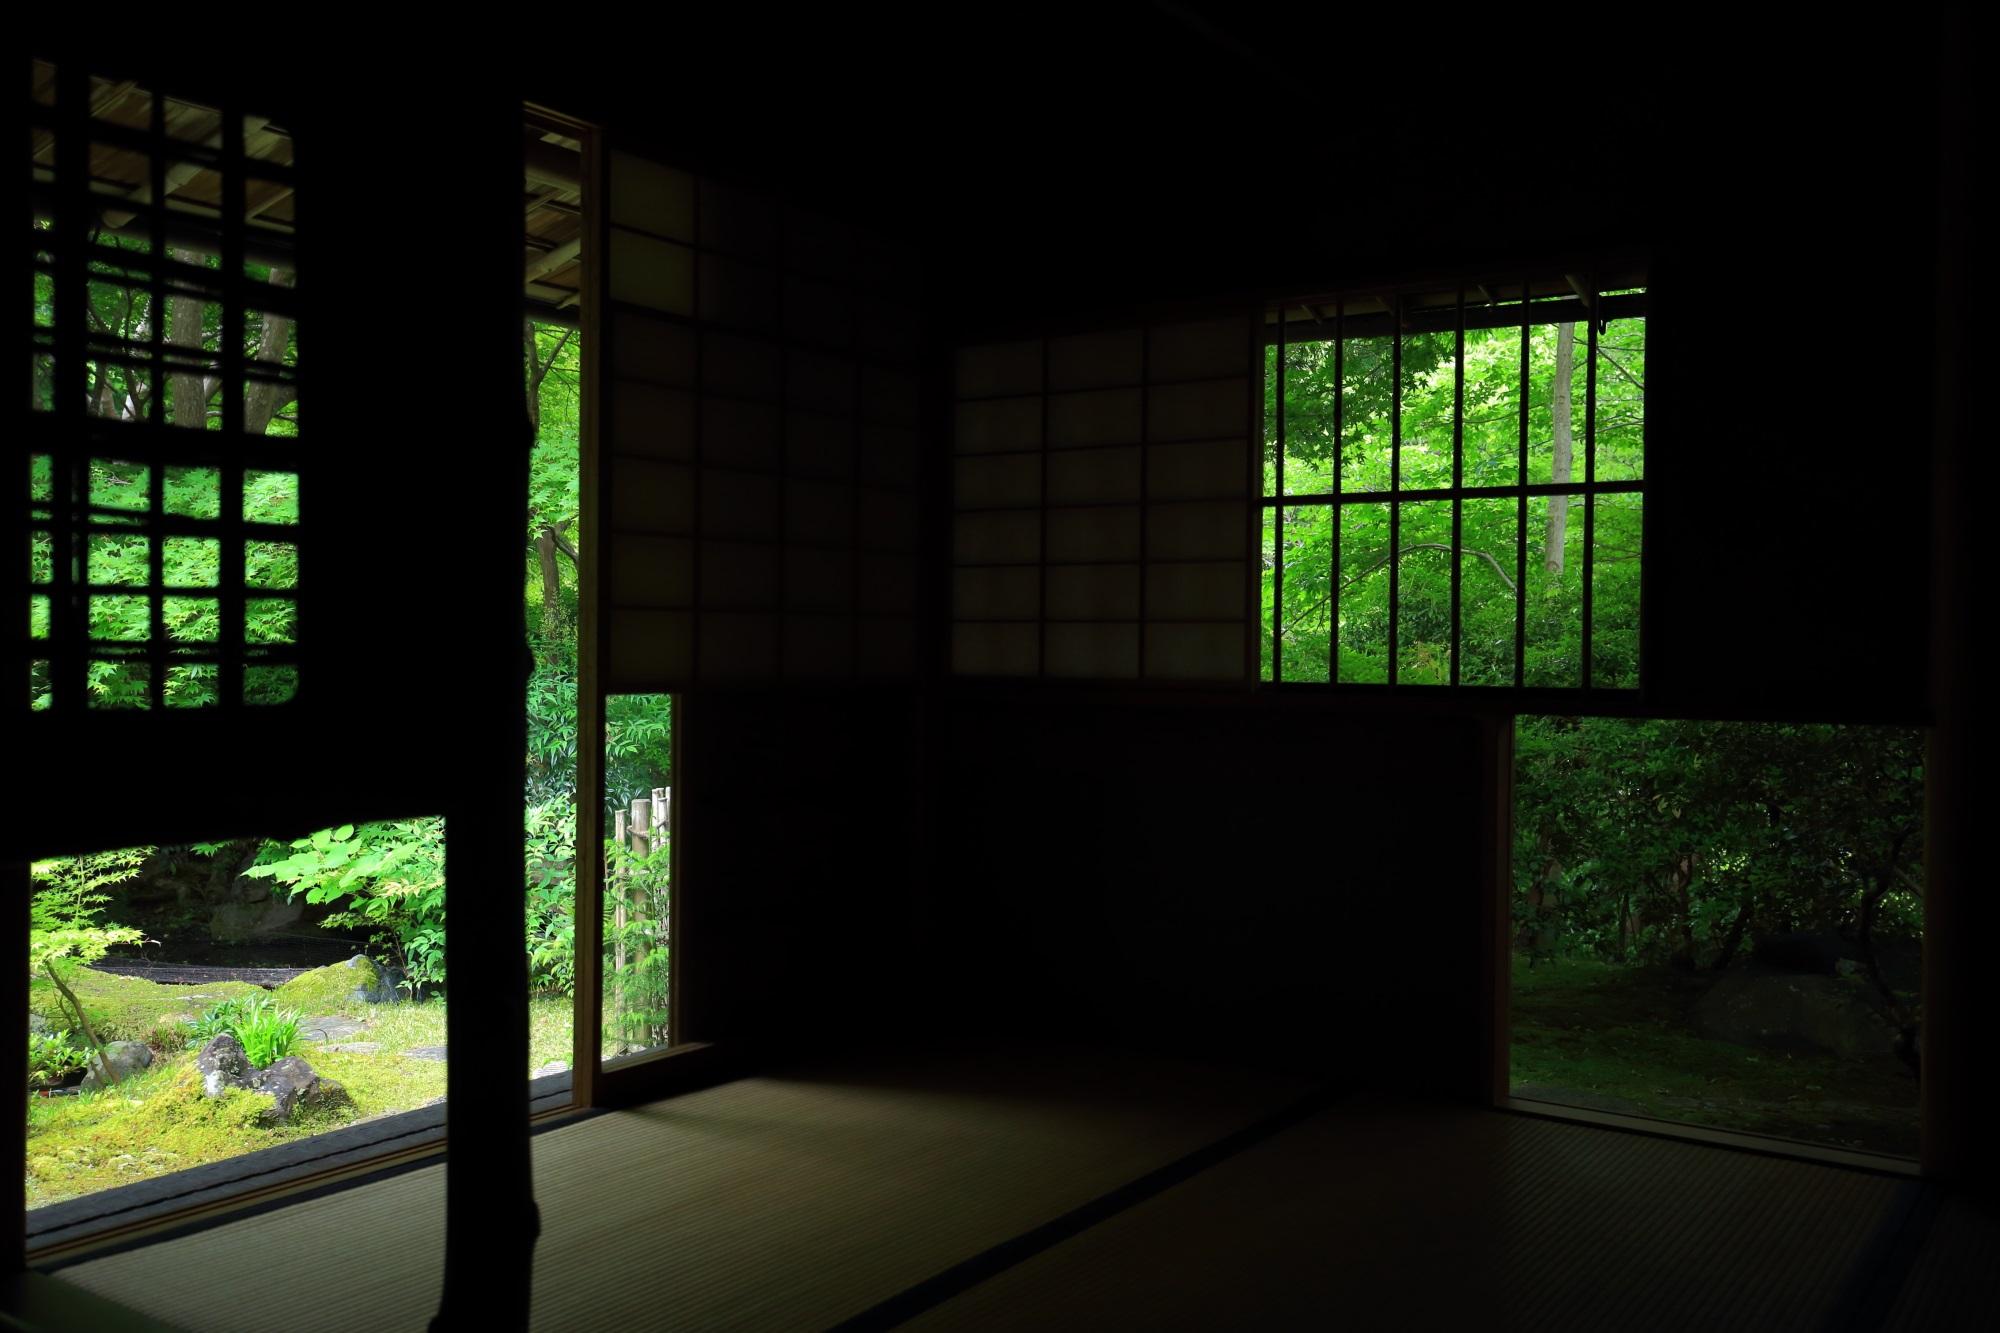 瑠璃光院(るりこういん)の緑につつまれた風情ある茶室